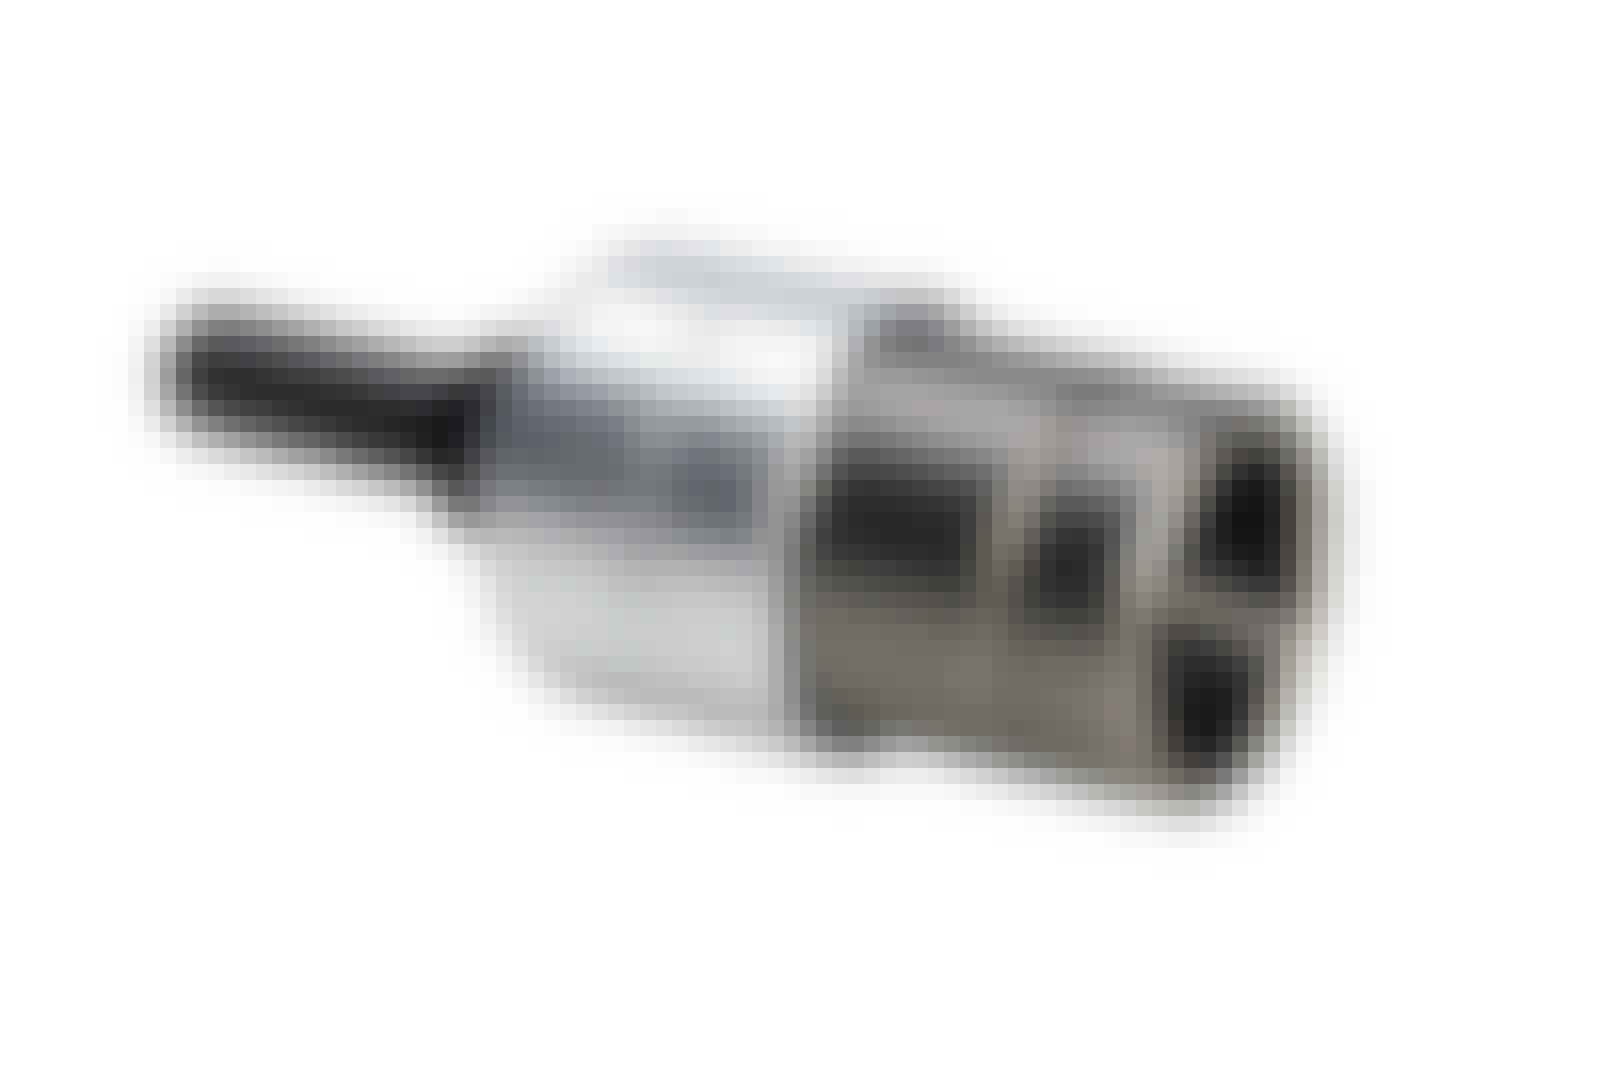 Kipsiruuvinväännin: Halpa vaihtoehto kipsiruuvinvääntimelle